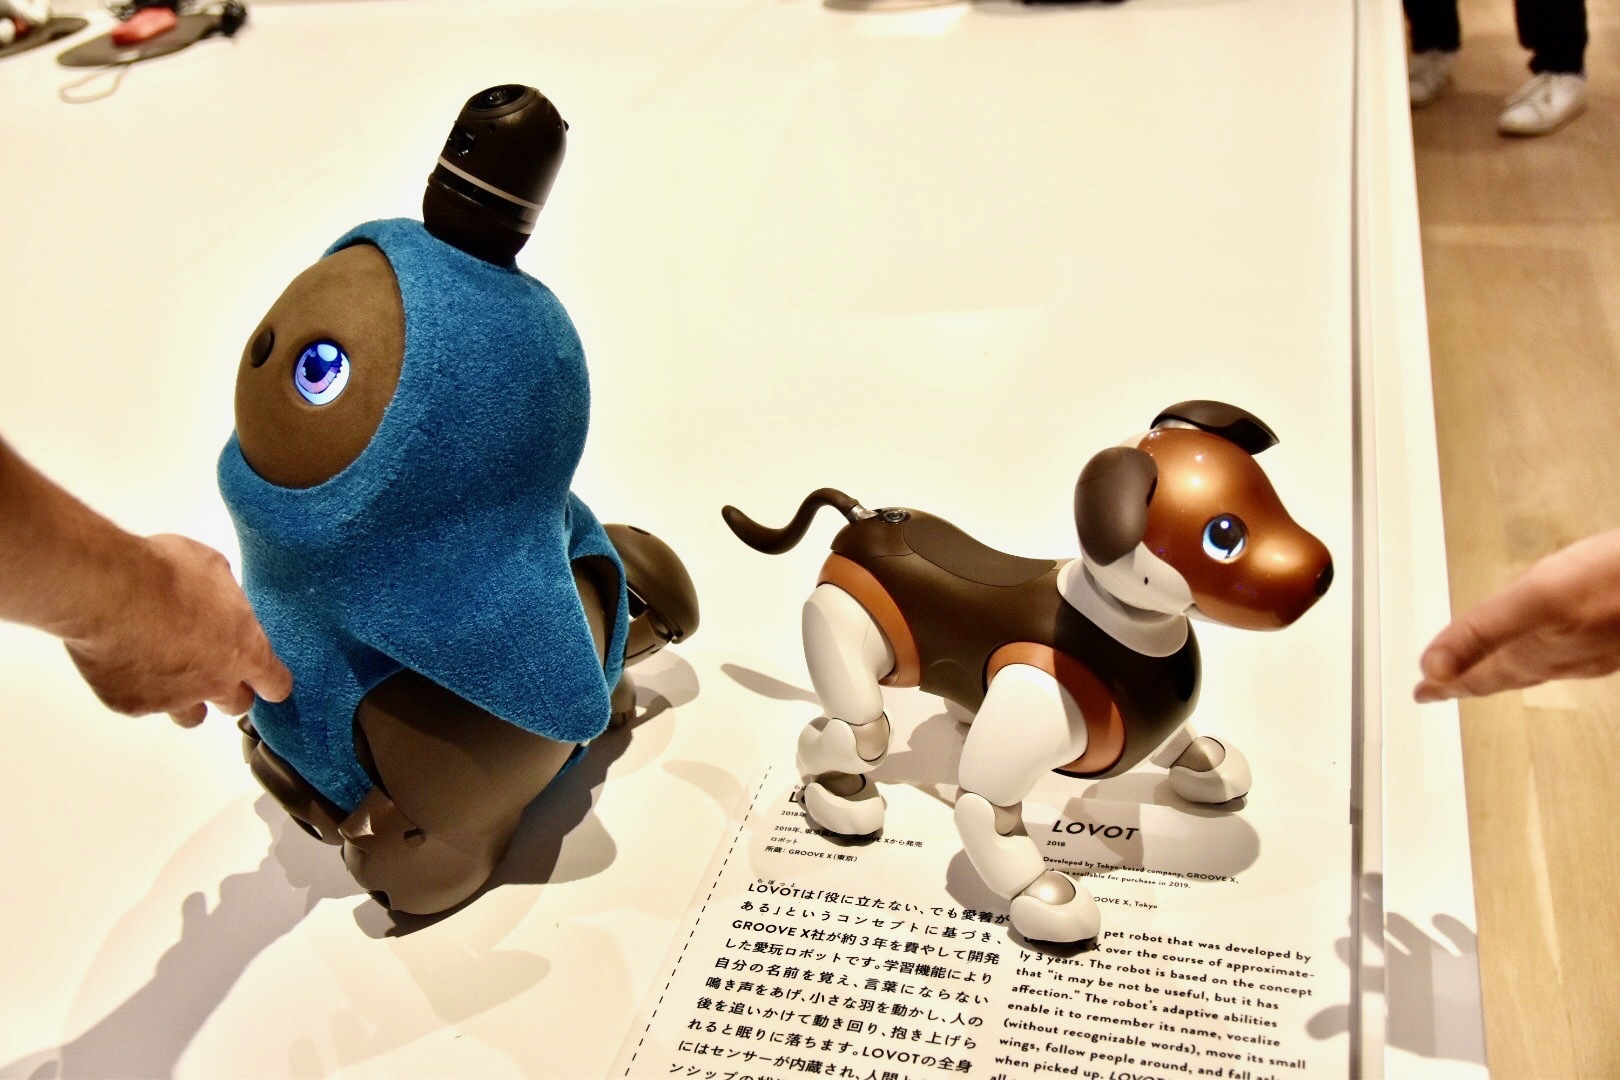 左:LOVOT(らぼっと)2018年 右:エンタテインメントロボット aibo 2017年